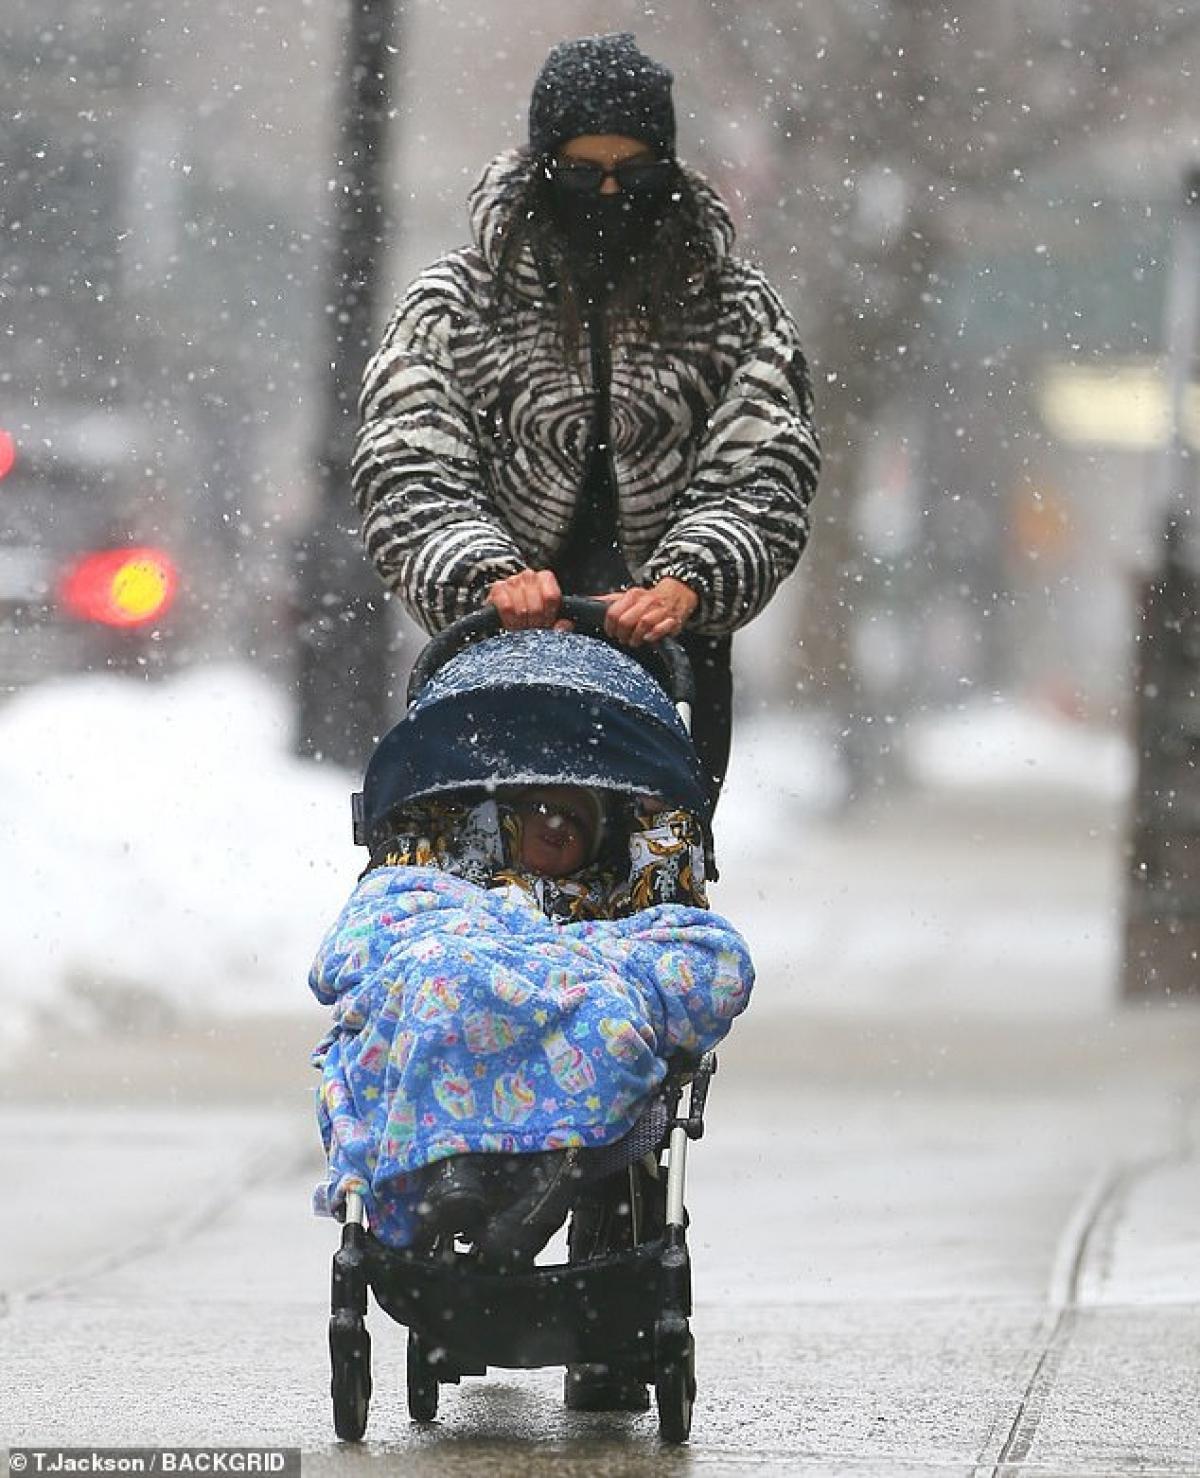 Tuy nhiên, hai mẹ con gặp khó khăn trong việc đi lại trong cơn bão tuyết.